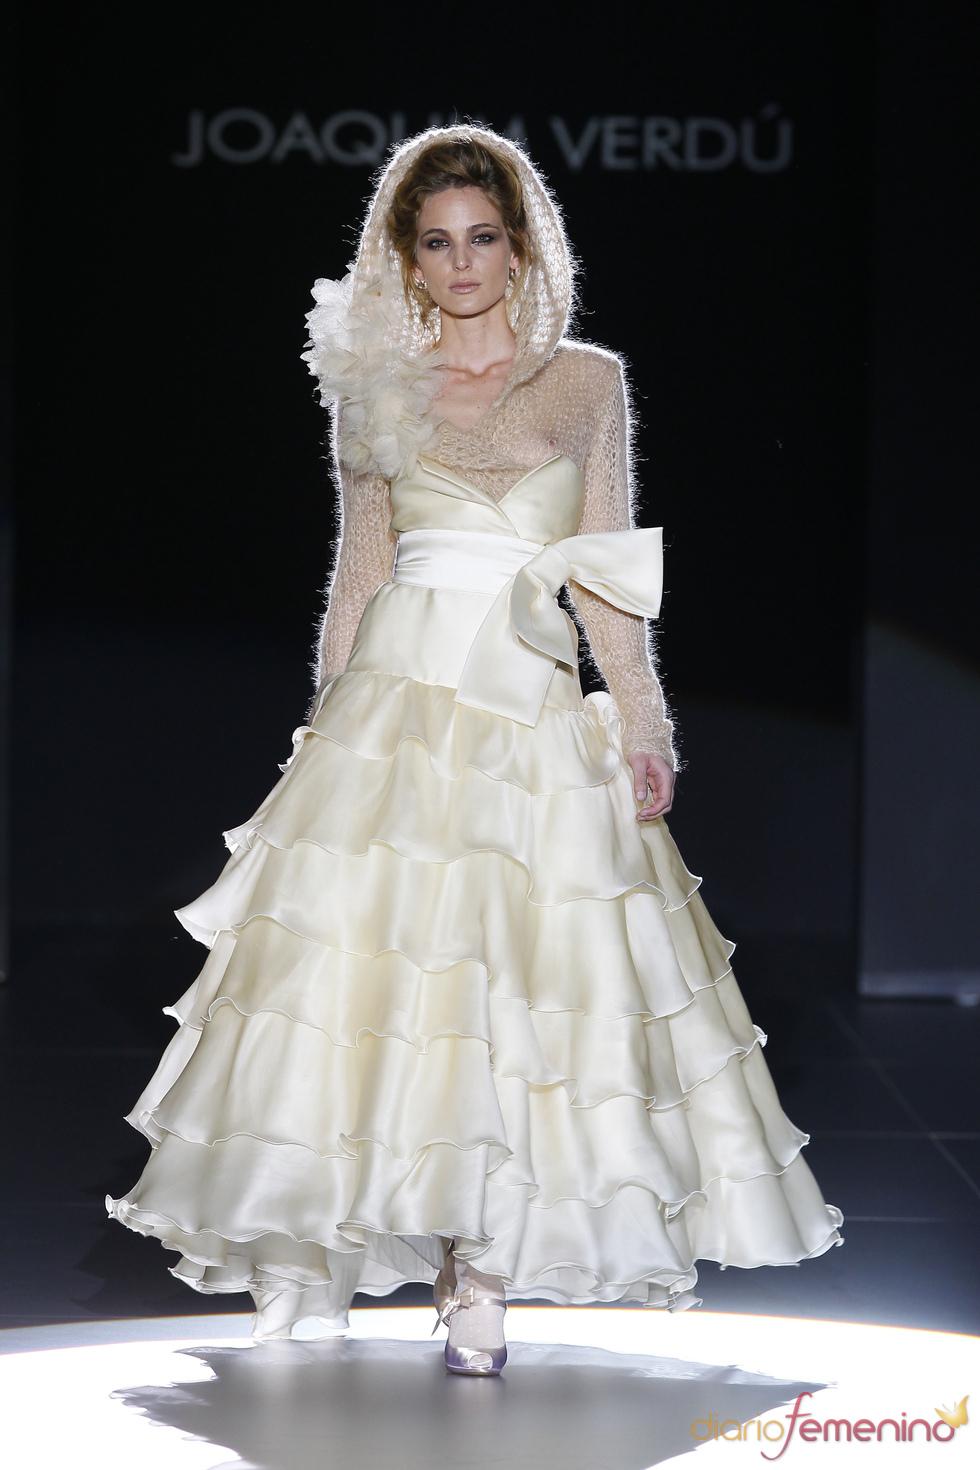 Joaquim Verdú viste a la novia de 2011